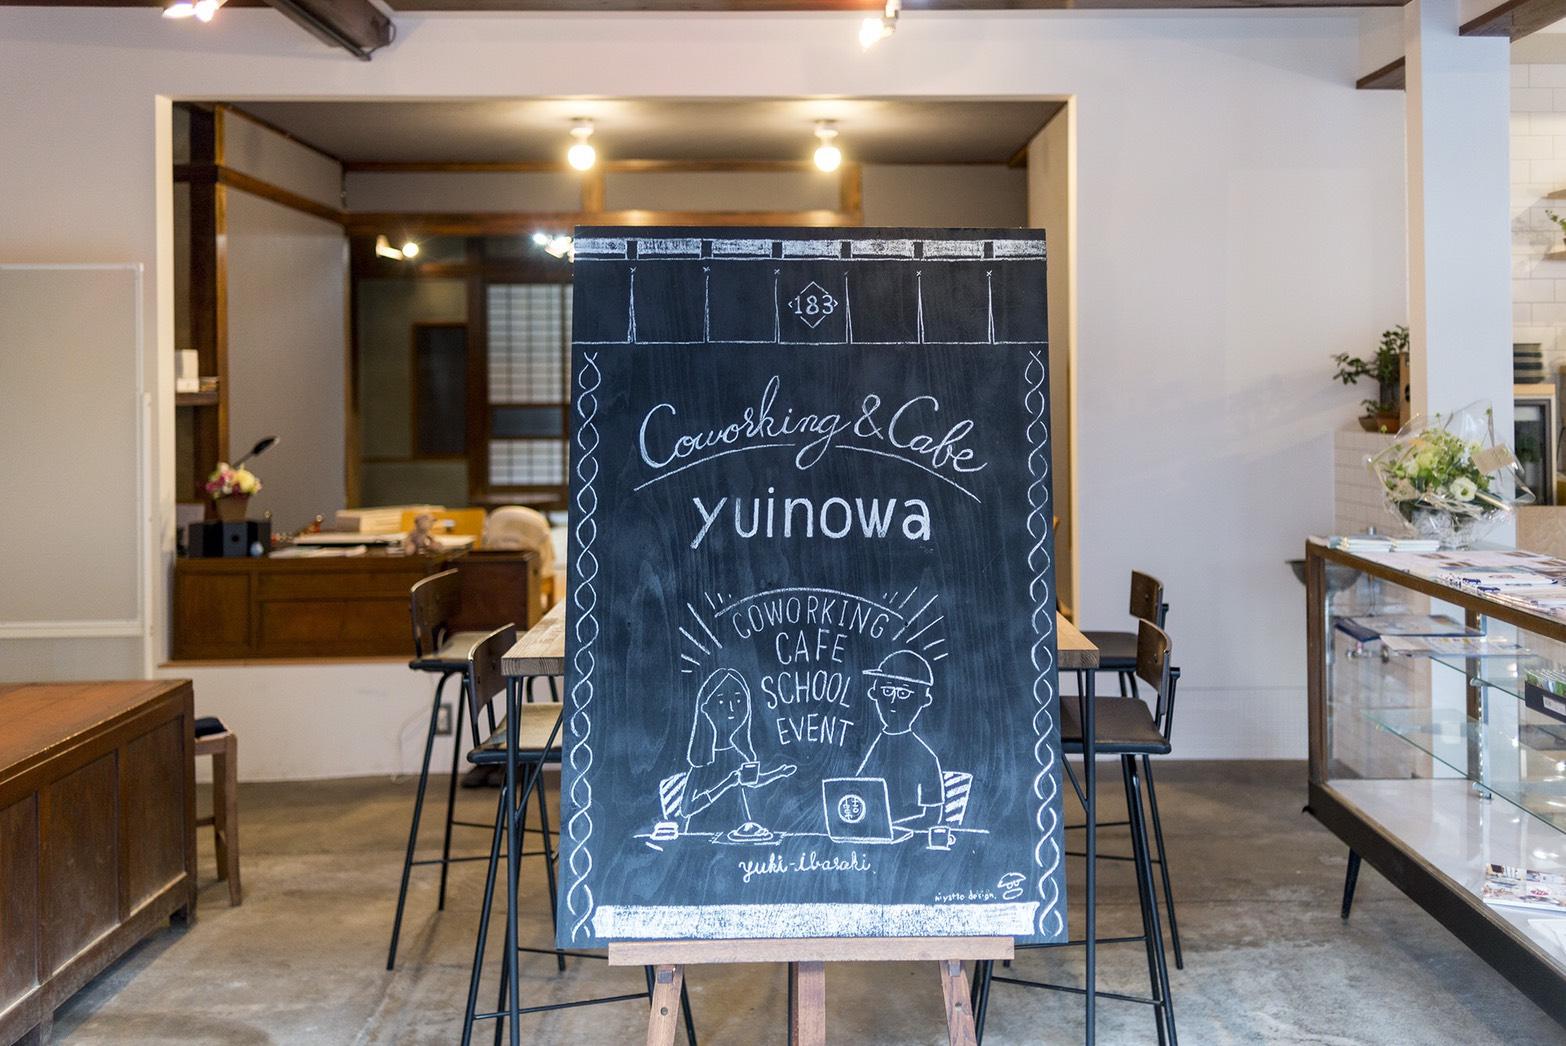 yuinowa 看板デザイン